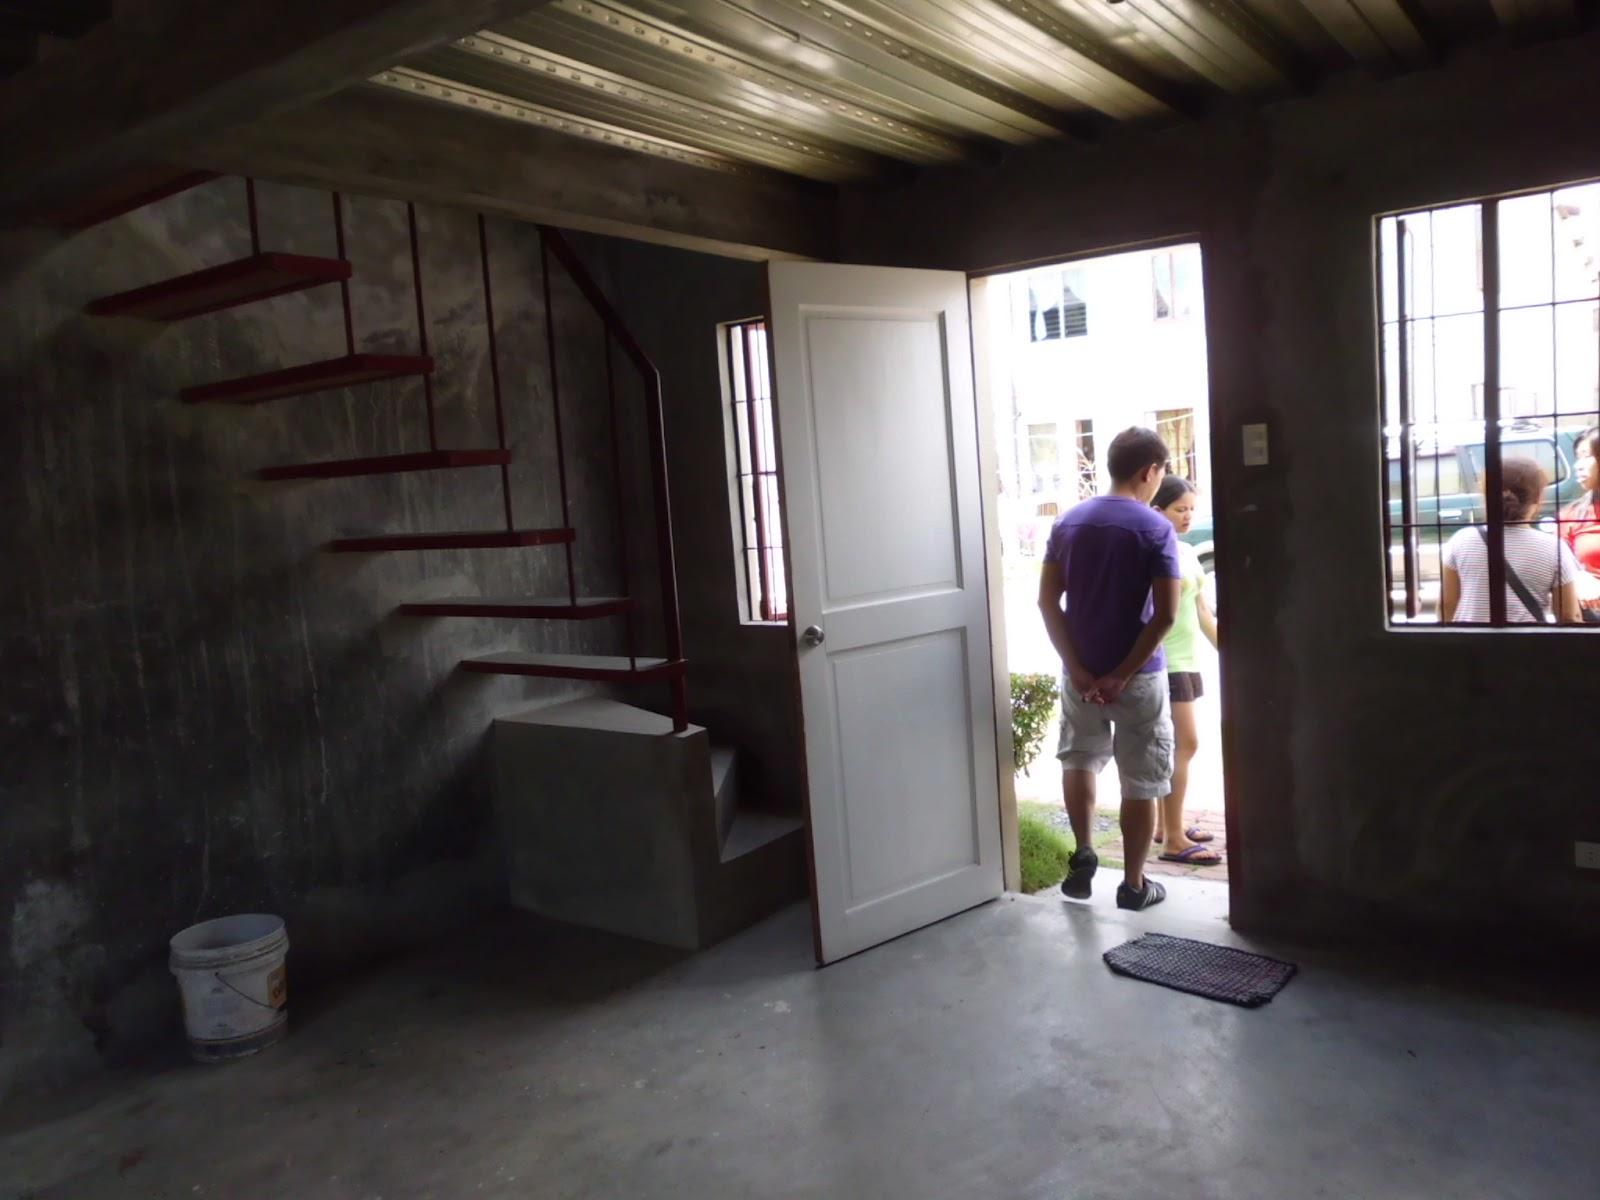 Legian Ii Quot Amari Quot Expanded House Model In Imus Cavite Via